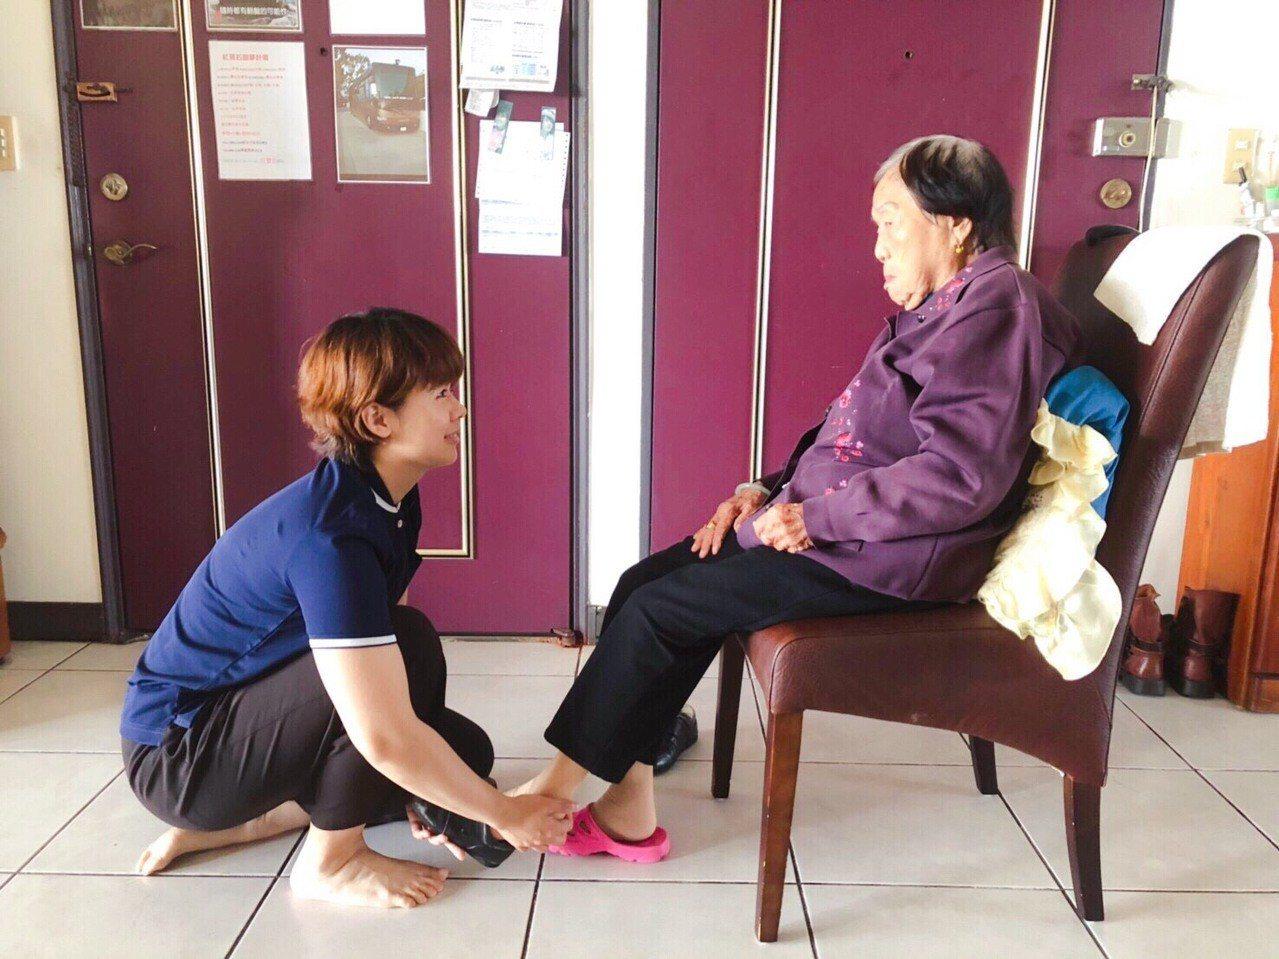 26歲的王珮甄(左)是御歸來居家服務所最高齡的照服員,她服務有耐心而且笑容甜美,...